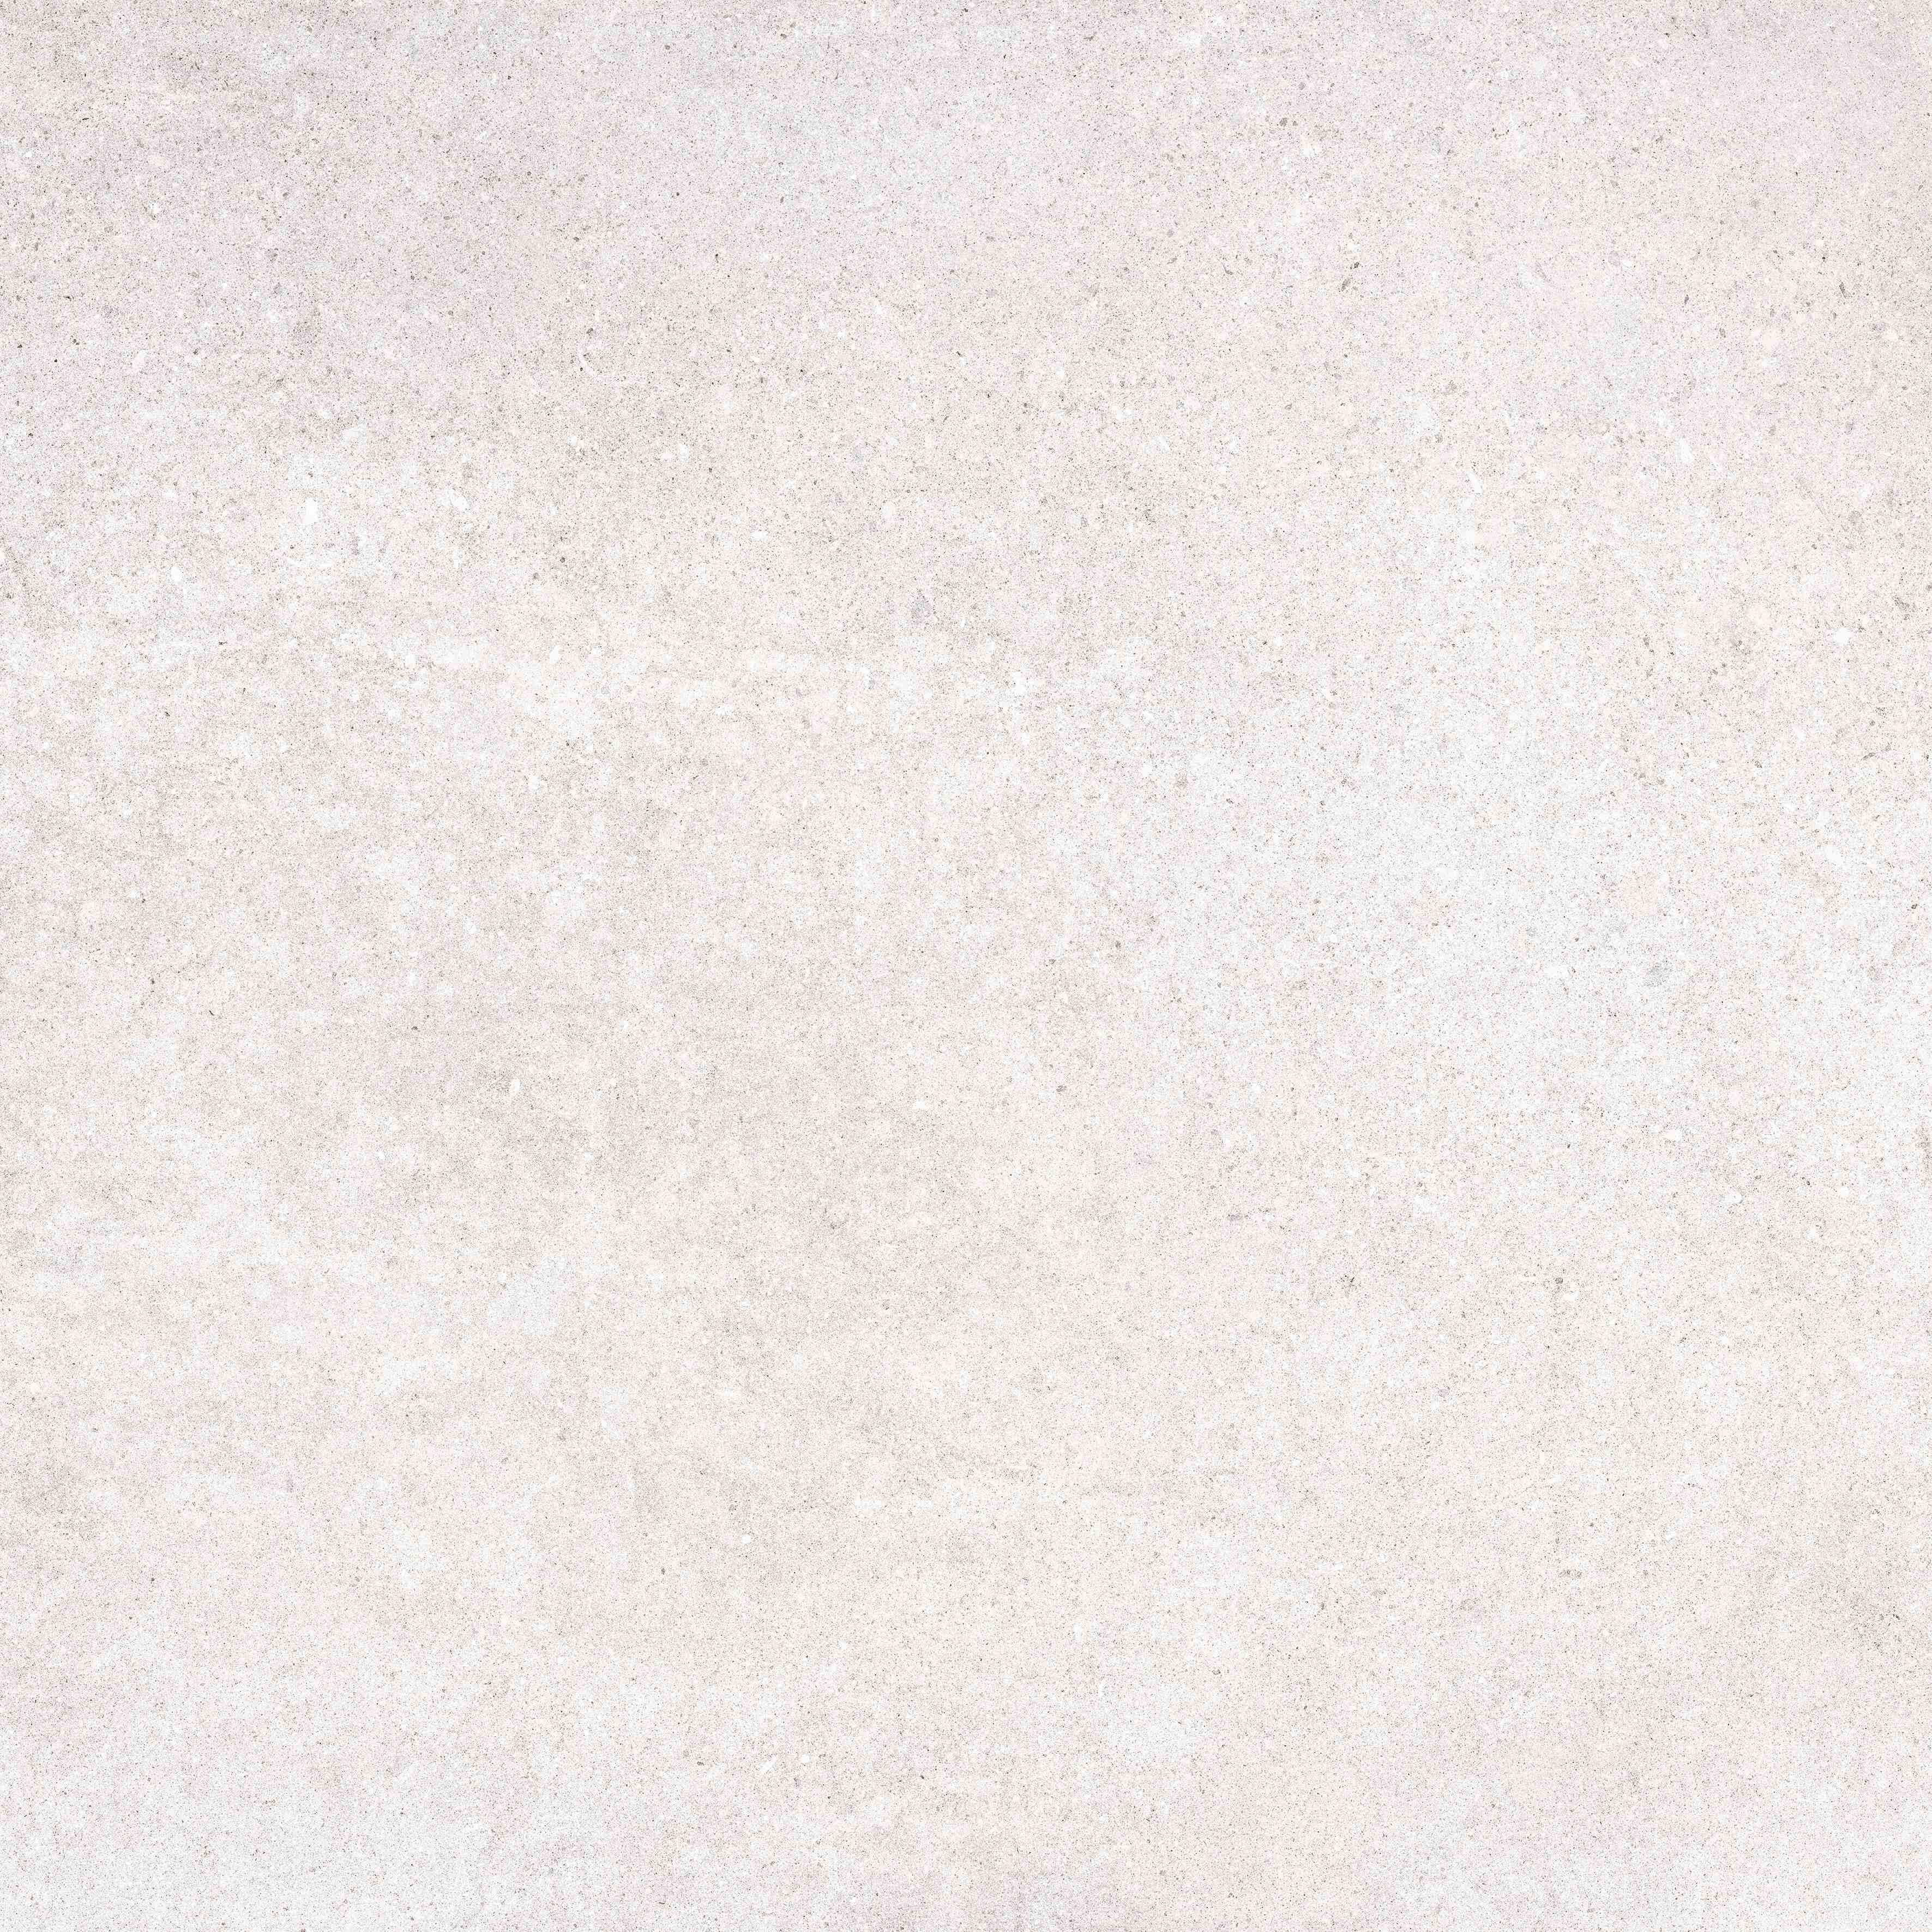 Керамогранит Zeus Ceramicа Concrete Bianco 60х60 Zrxrm1r